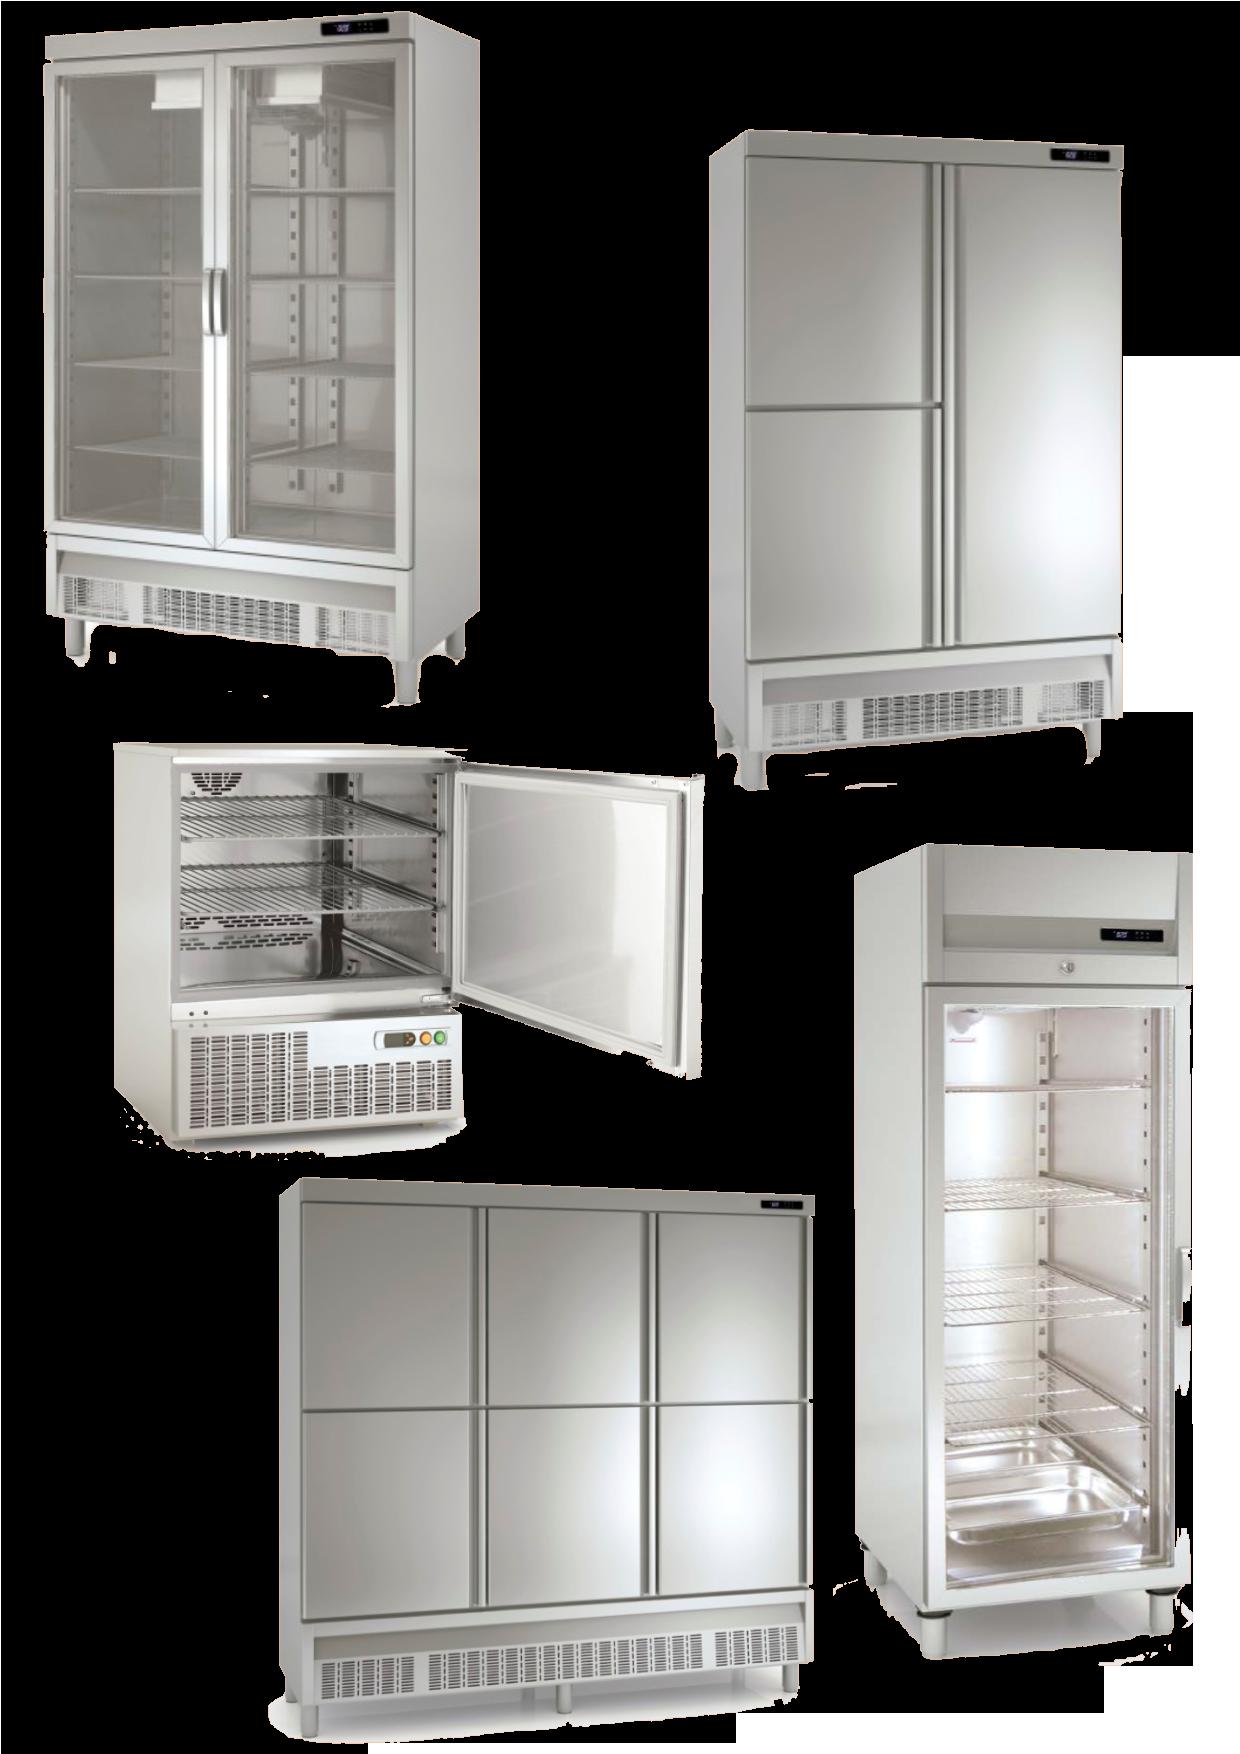 composicion-fotos-refrigeracion